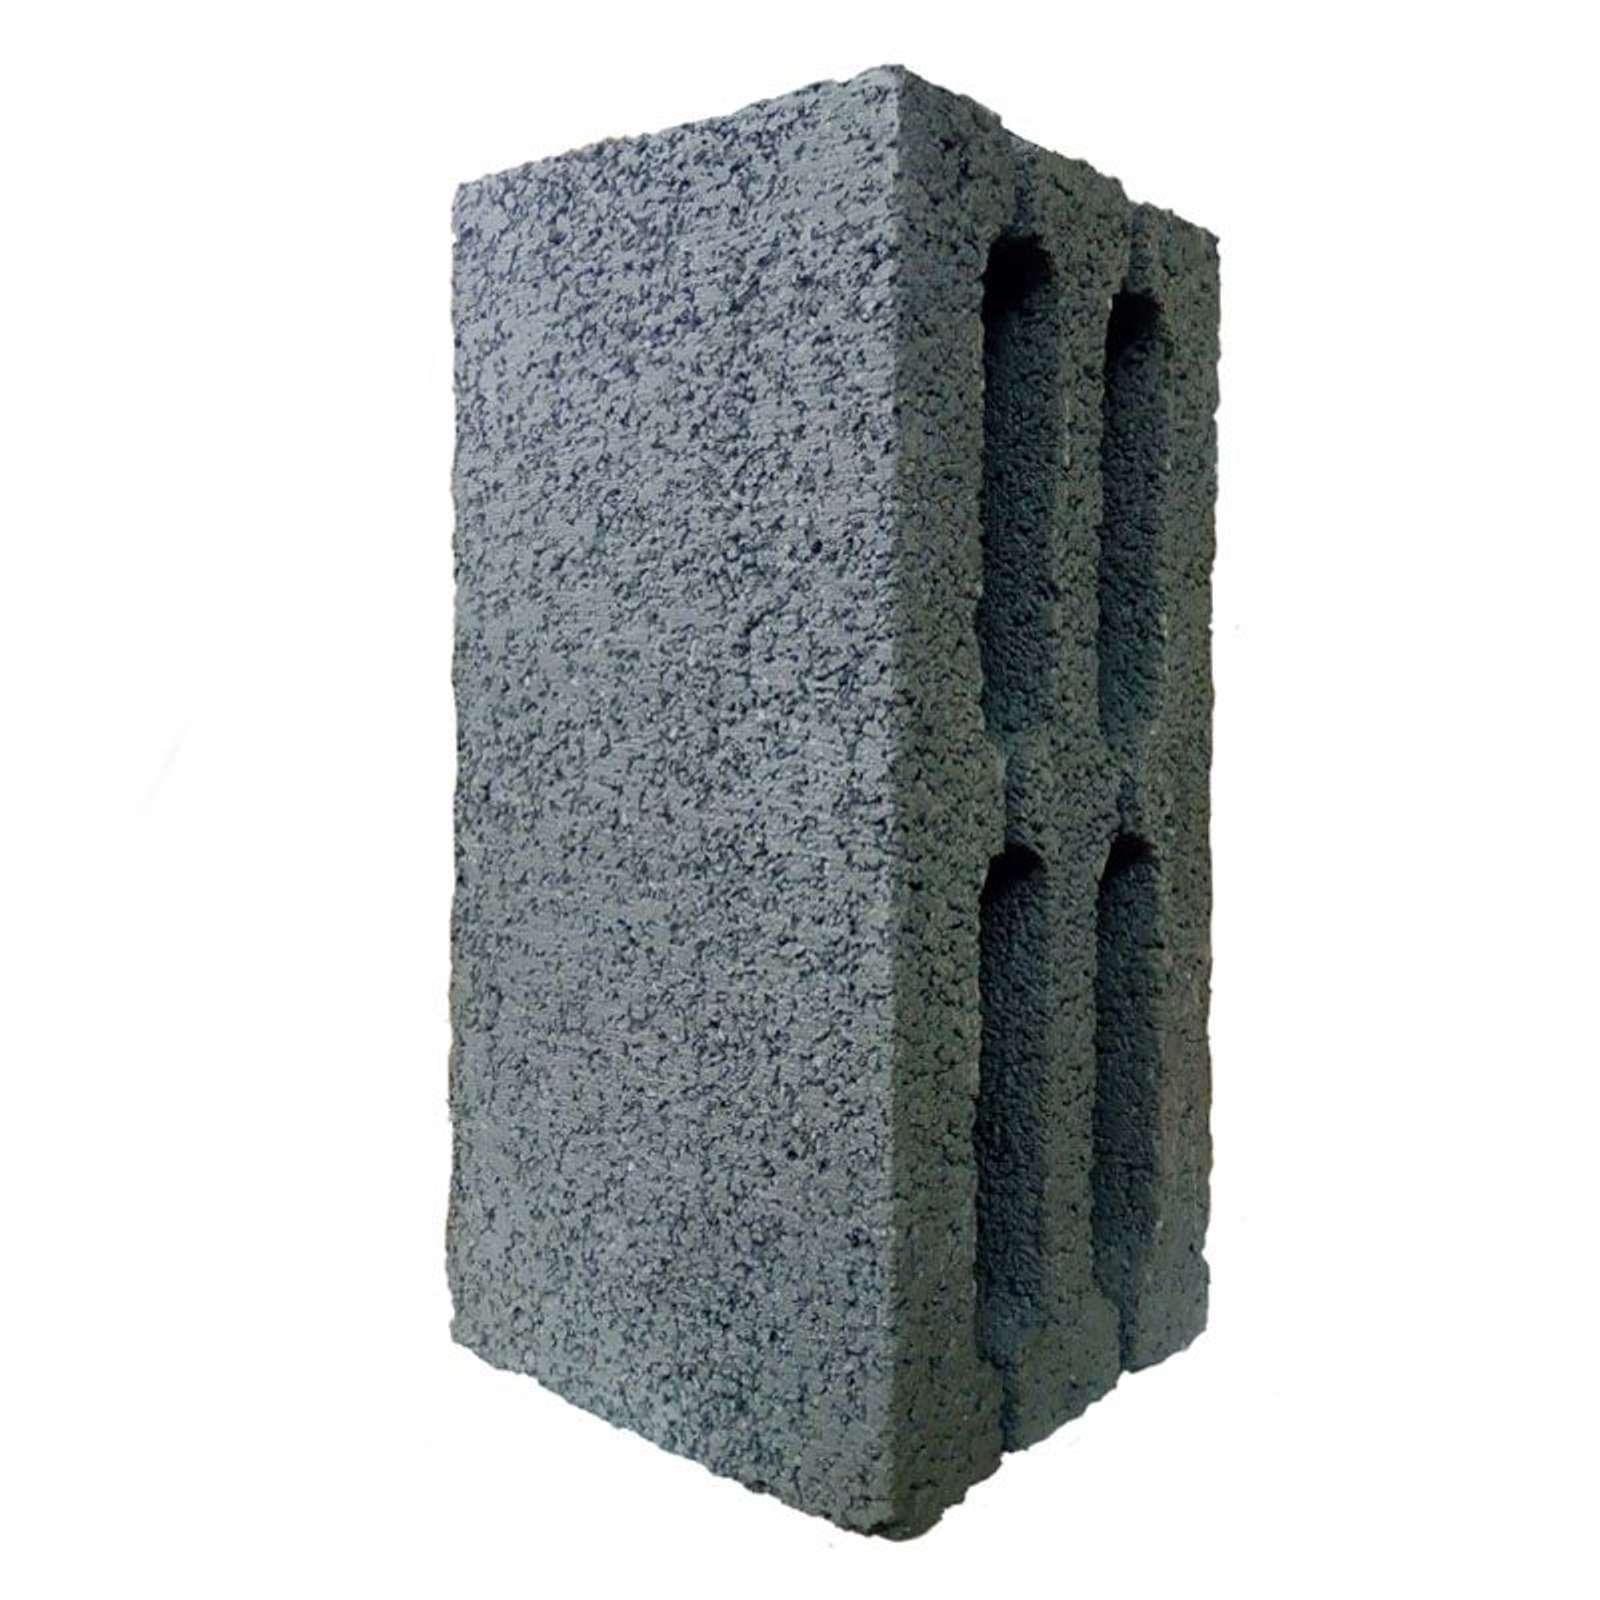 Пустотелые бетонные блоки: где применяются, подходят ли для возведения стен, какими достоинствами и недостатками обладают